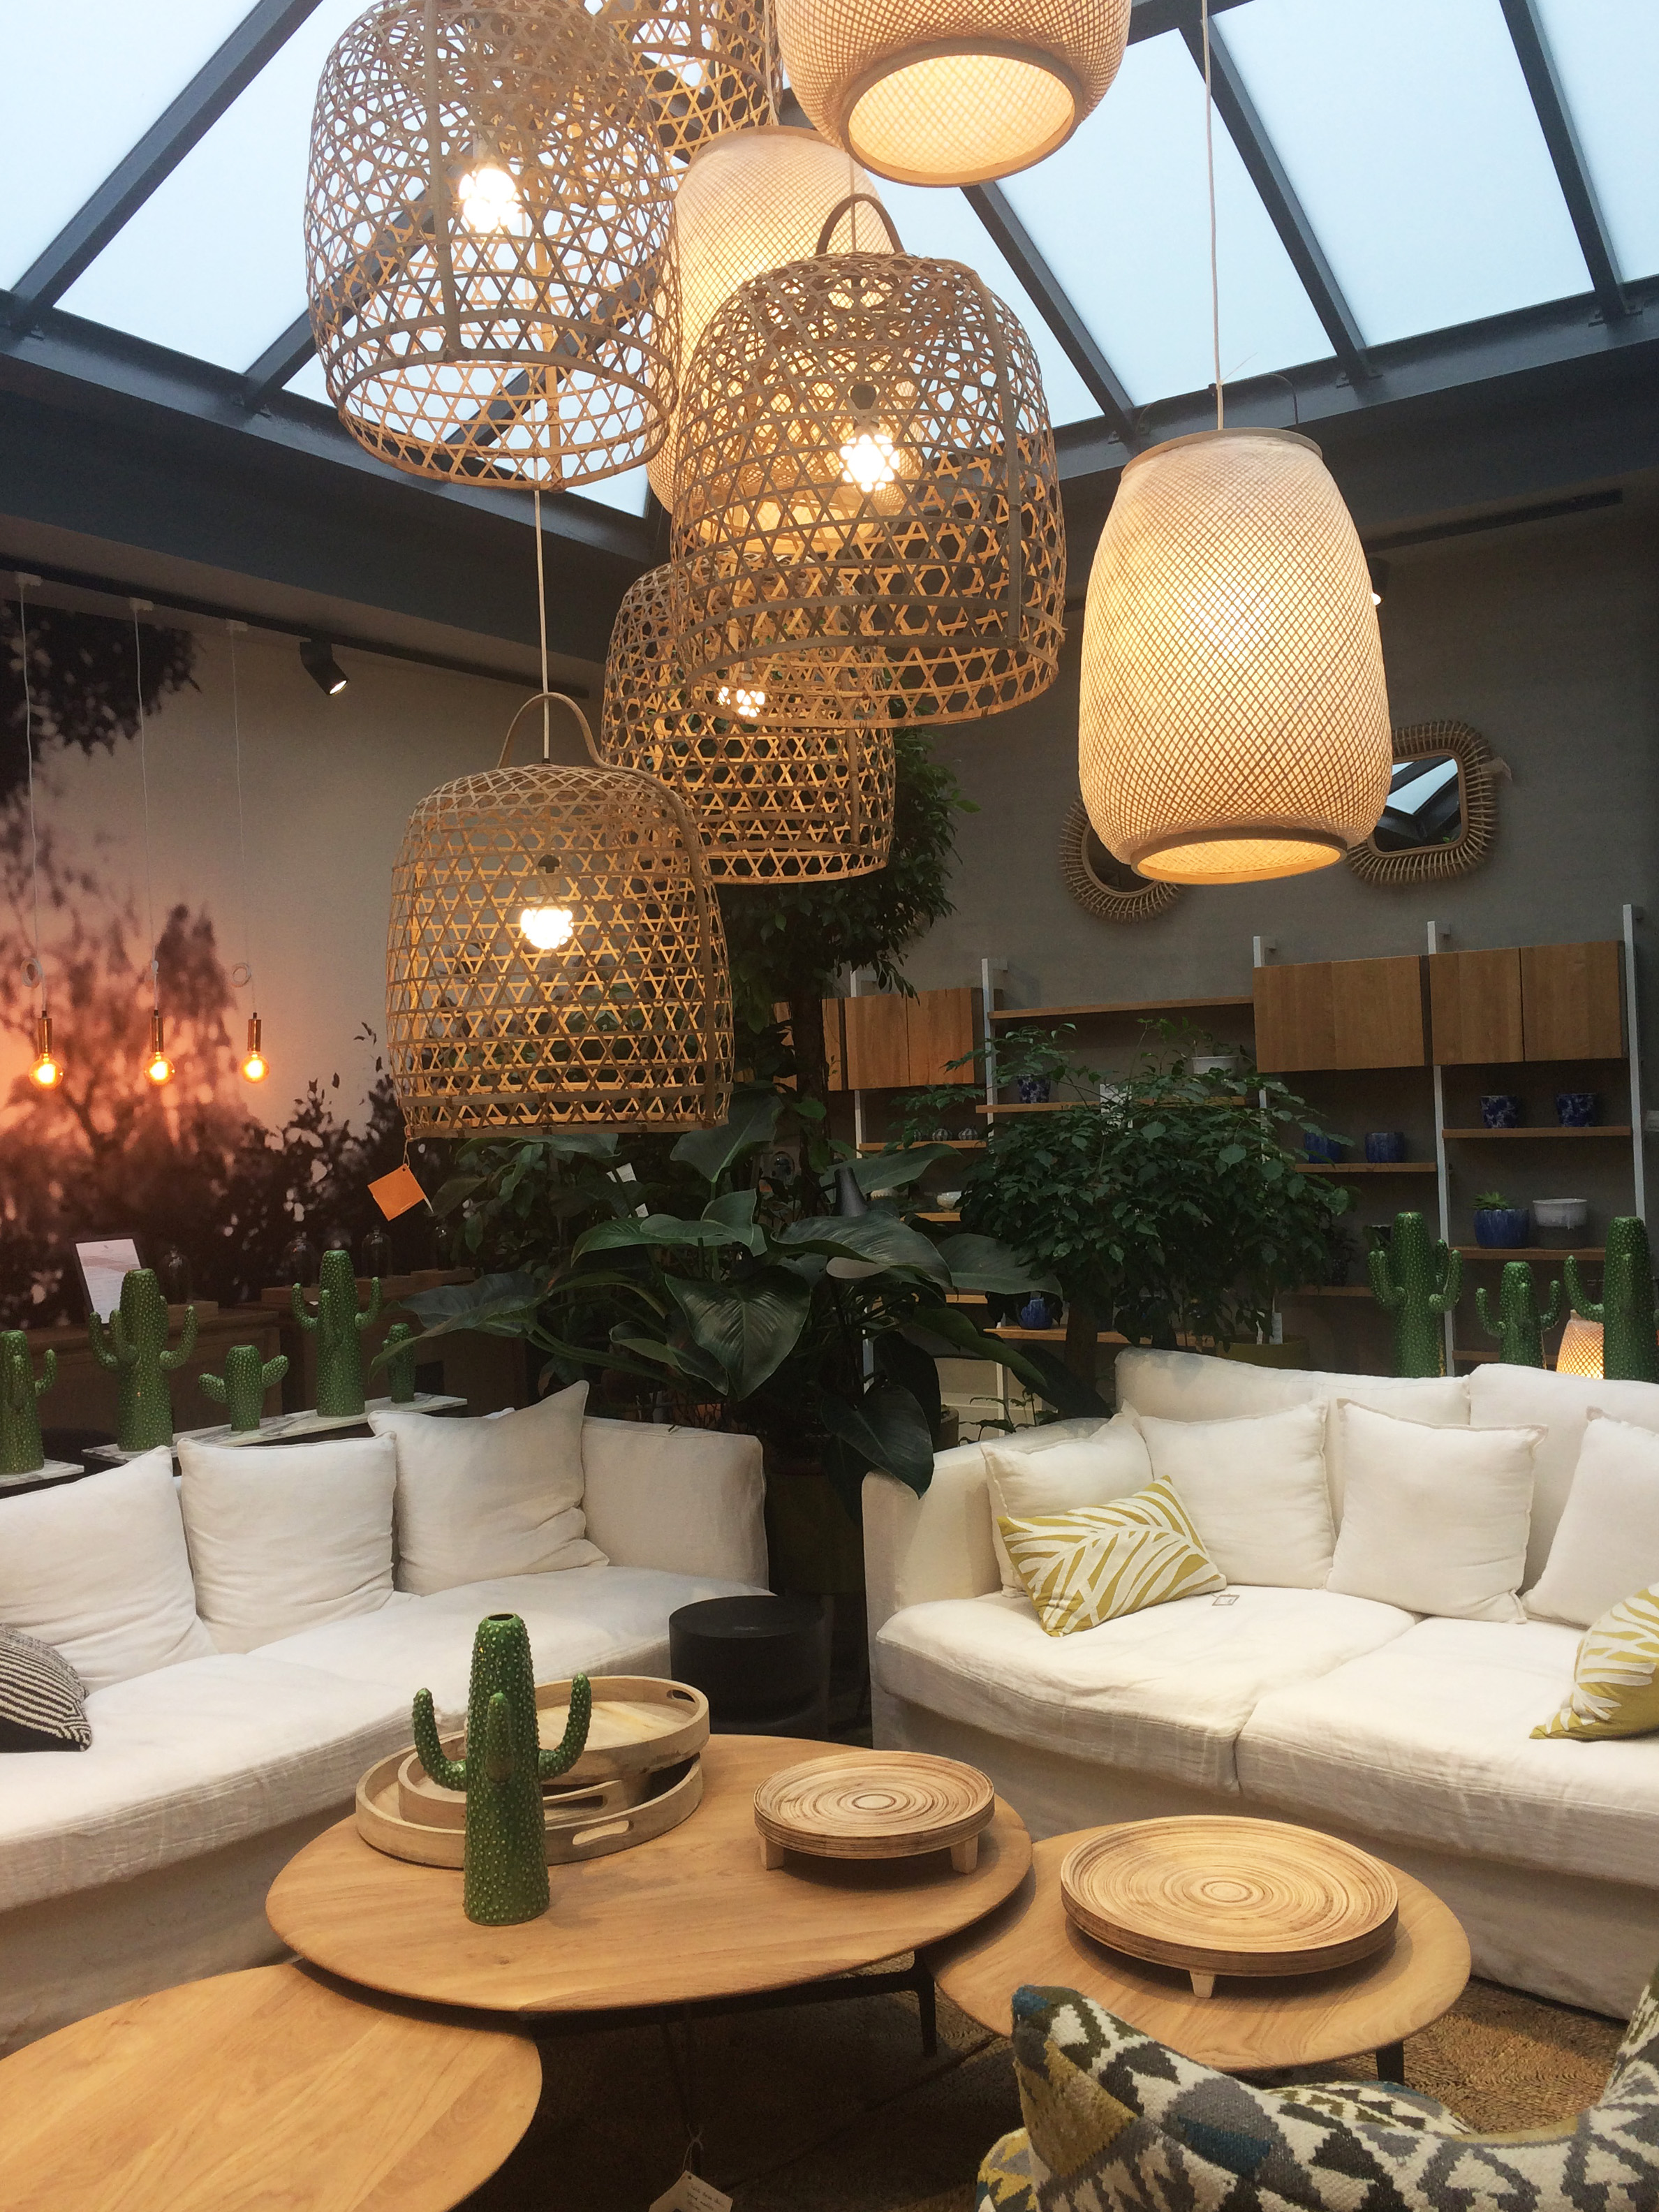 ampm Top Interior Stores In Paris Worth Visiting authentic interior